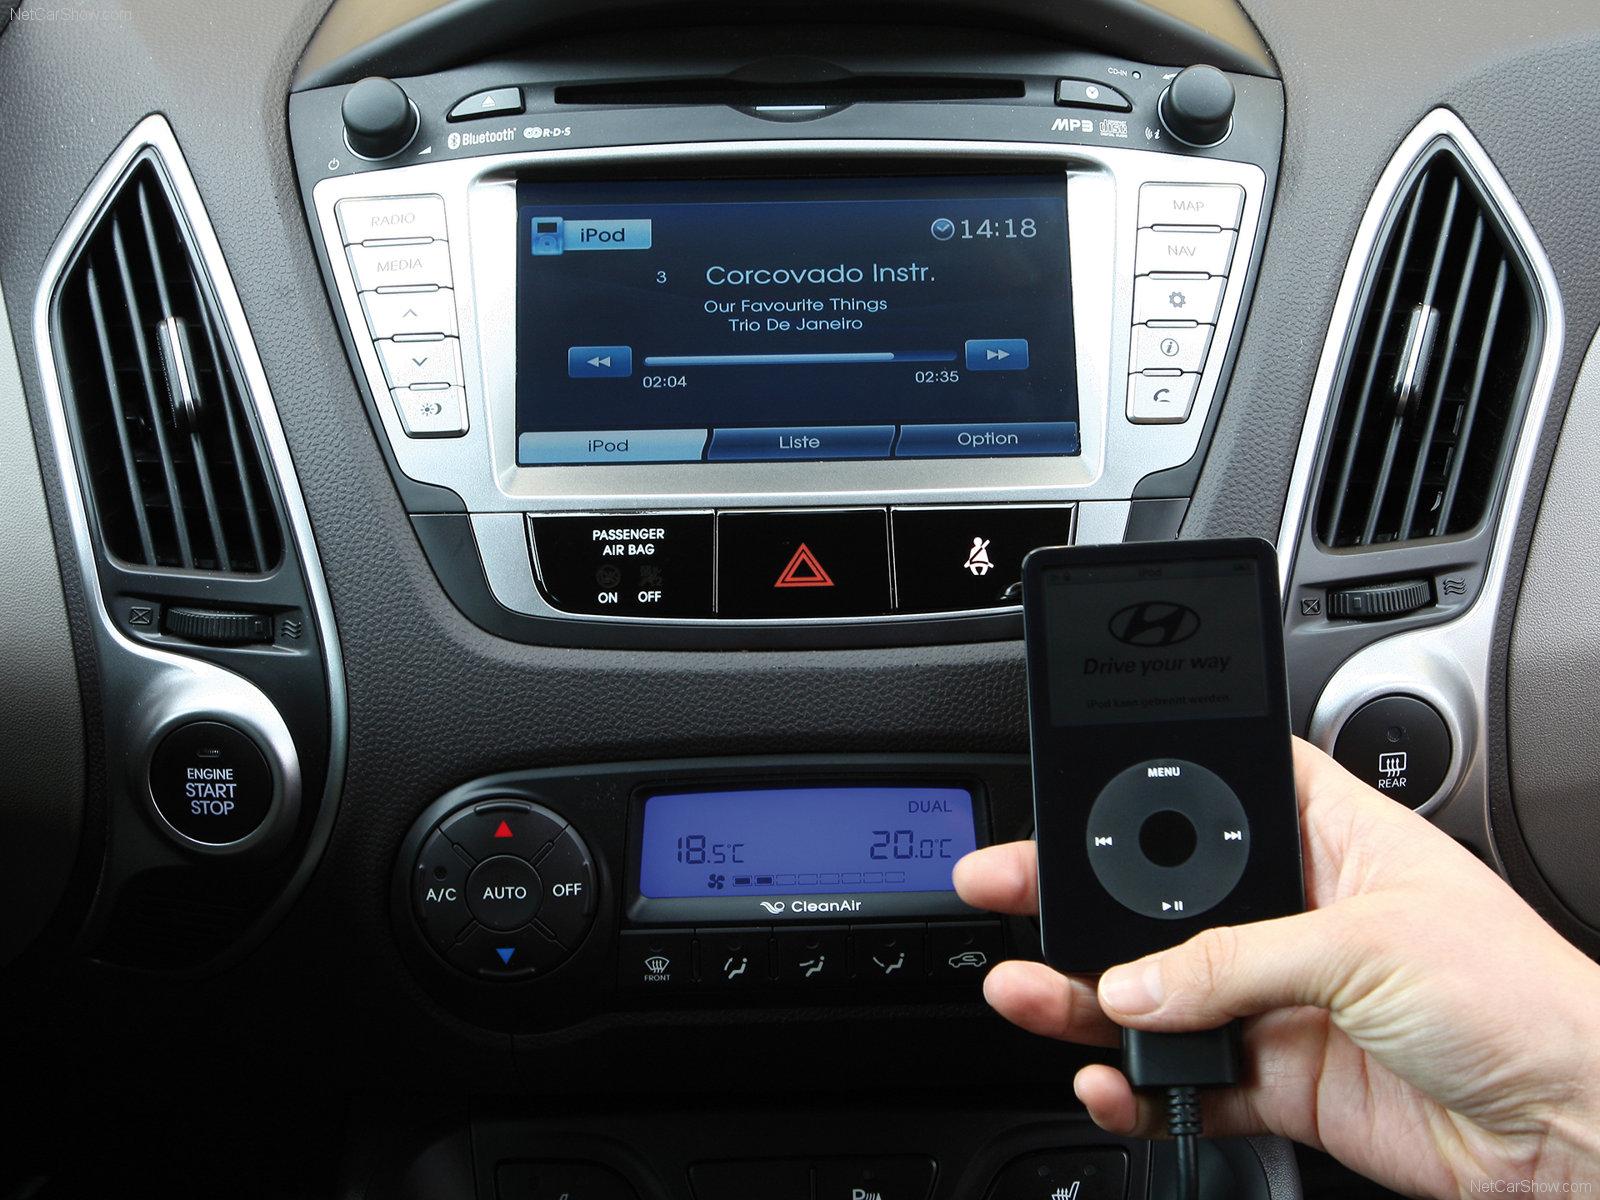 Радиоканалы магнитолы Hyundai ix35 переключаются самопроизвольно